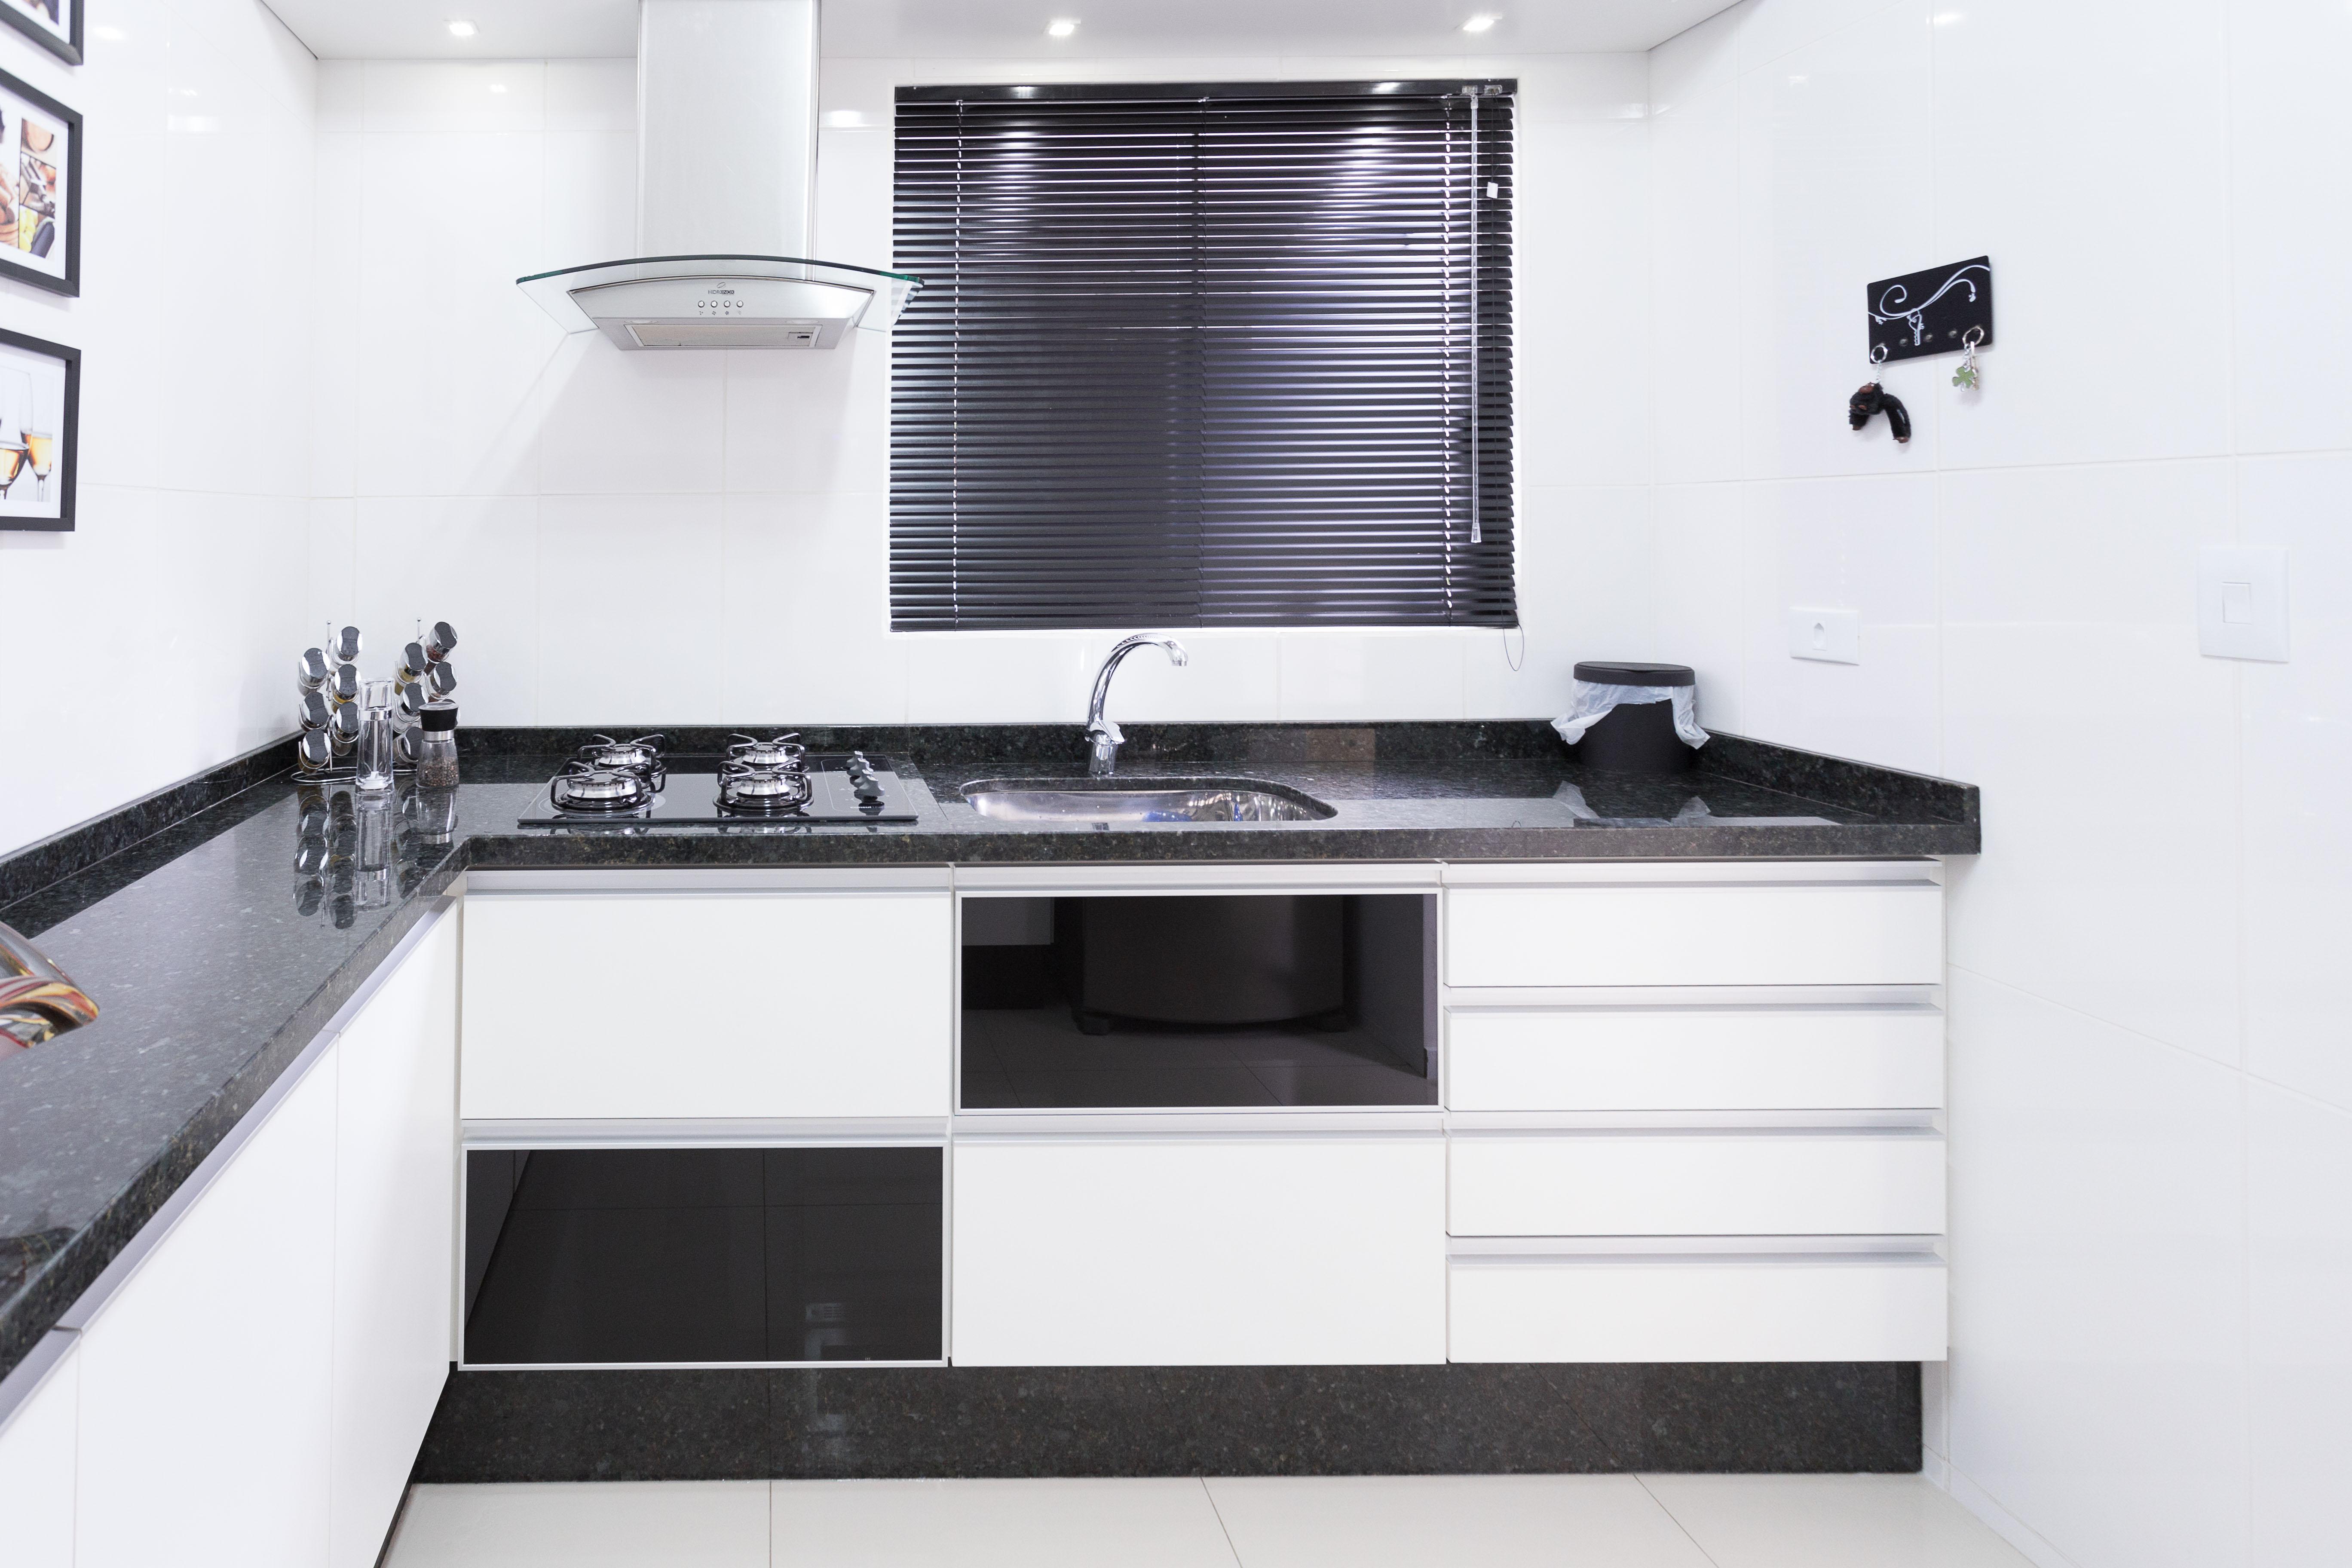 Projeto de móveis sob medida com excelência Elabore Móveis #735D58 5472 3648